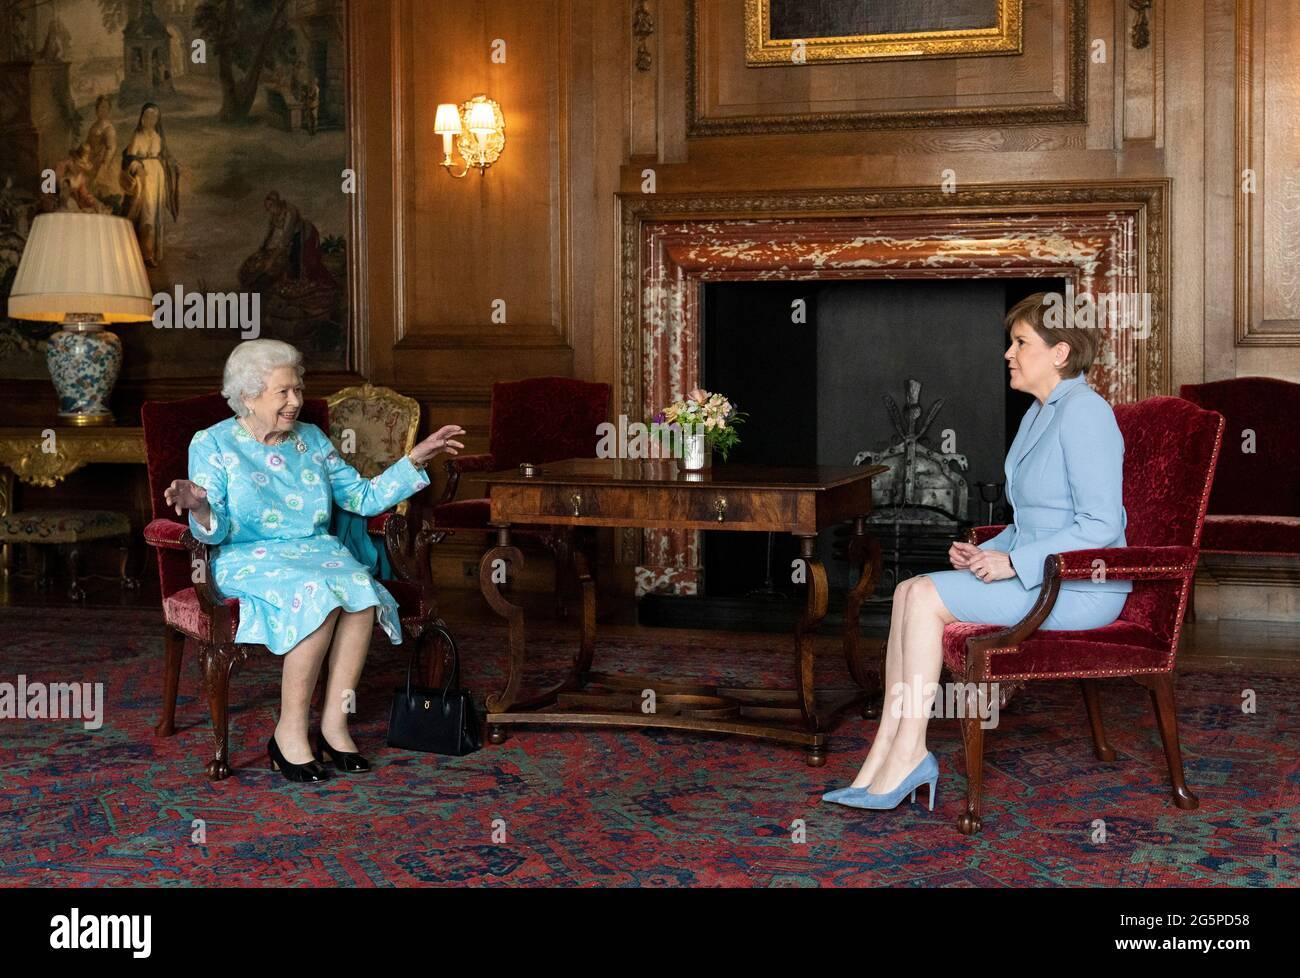 Königin Elizabeth II. Empfängt Nicola Sturgeon, die erste Ministerin von Schottland, während einer Audienz im Palace of Holyroodhouse in Edinburgh, im Rahmen ihrer traditionellen Reise nach Schottland für die Holyrood Week. Bilddatum: Dienstag, 29. Juni 2021. Stockfoto